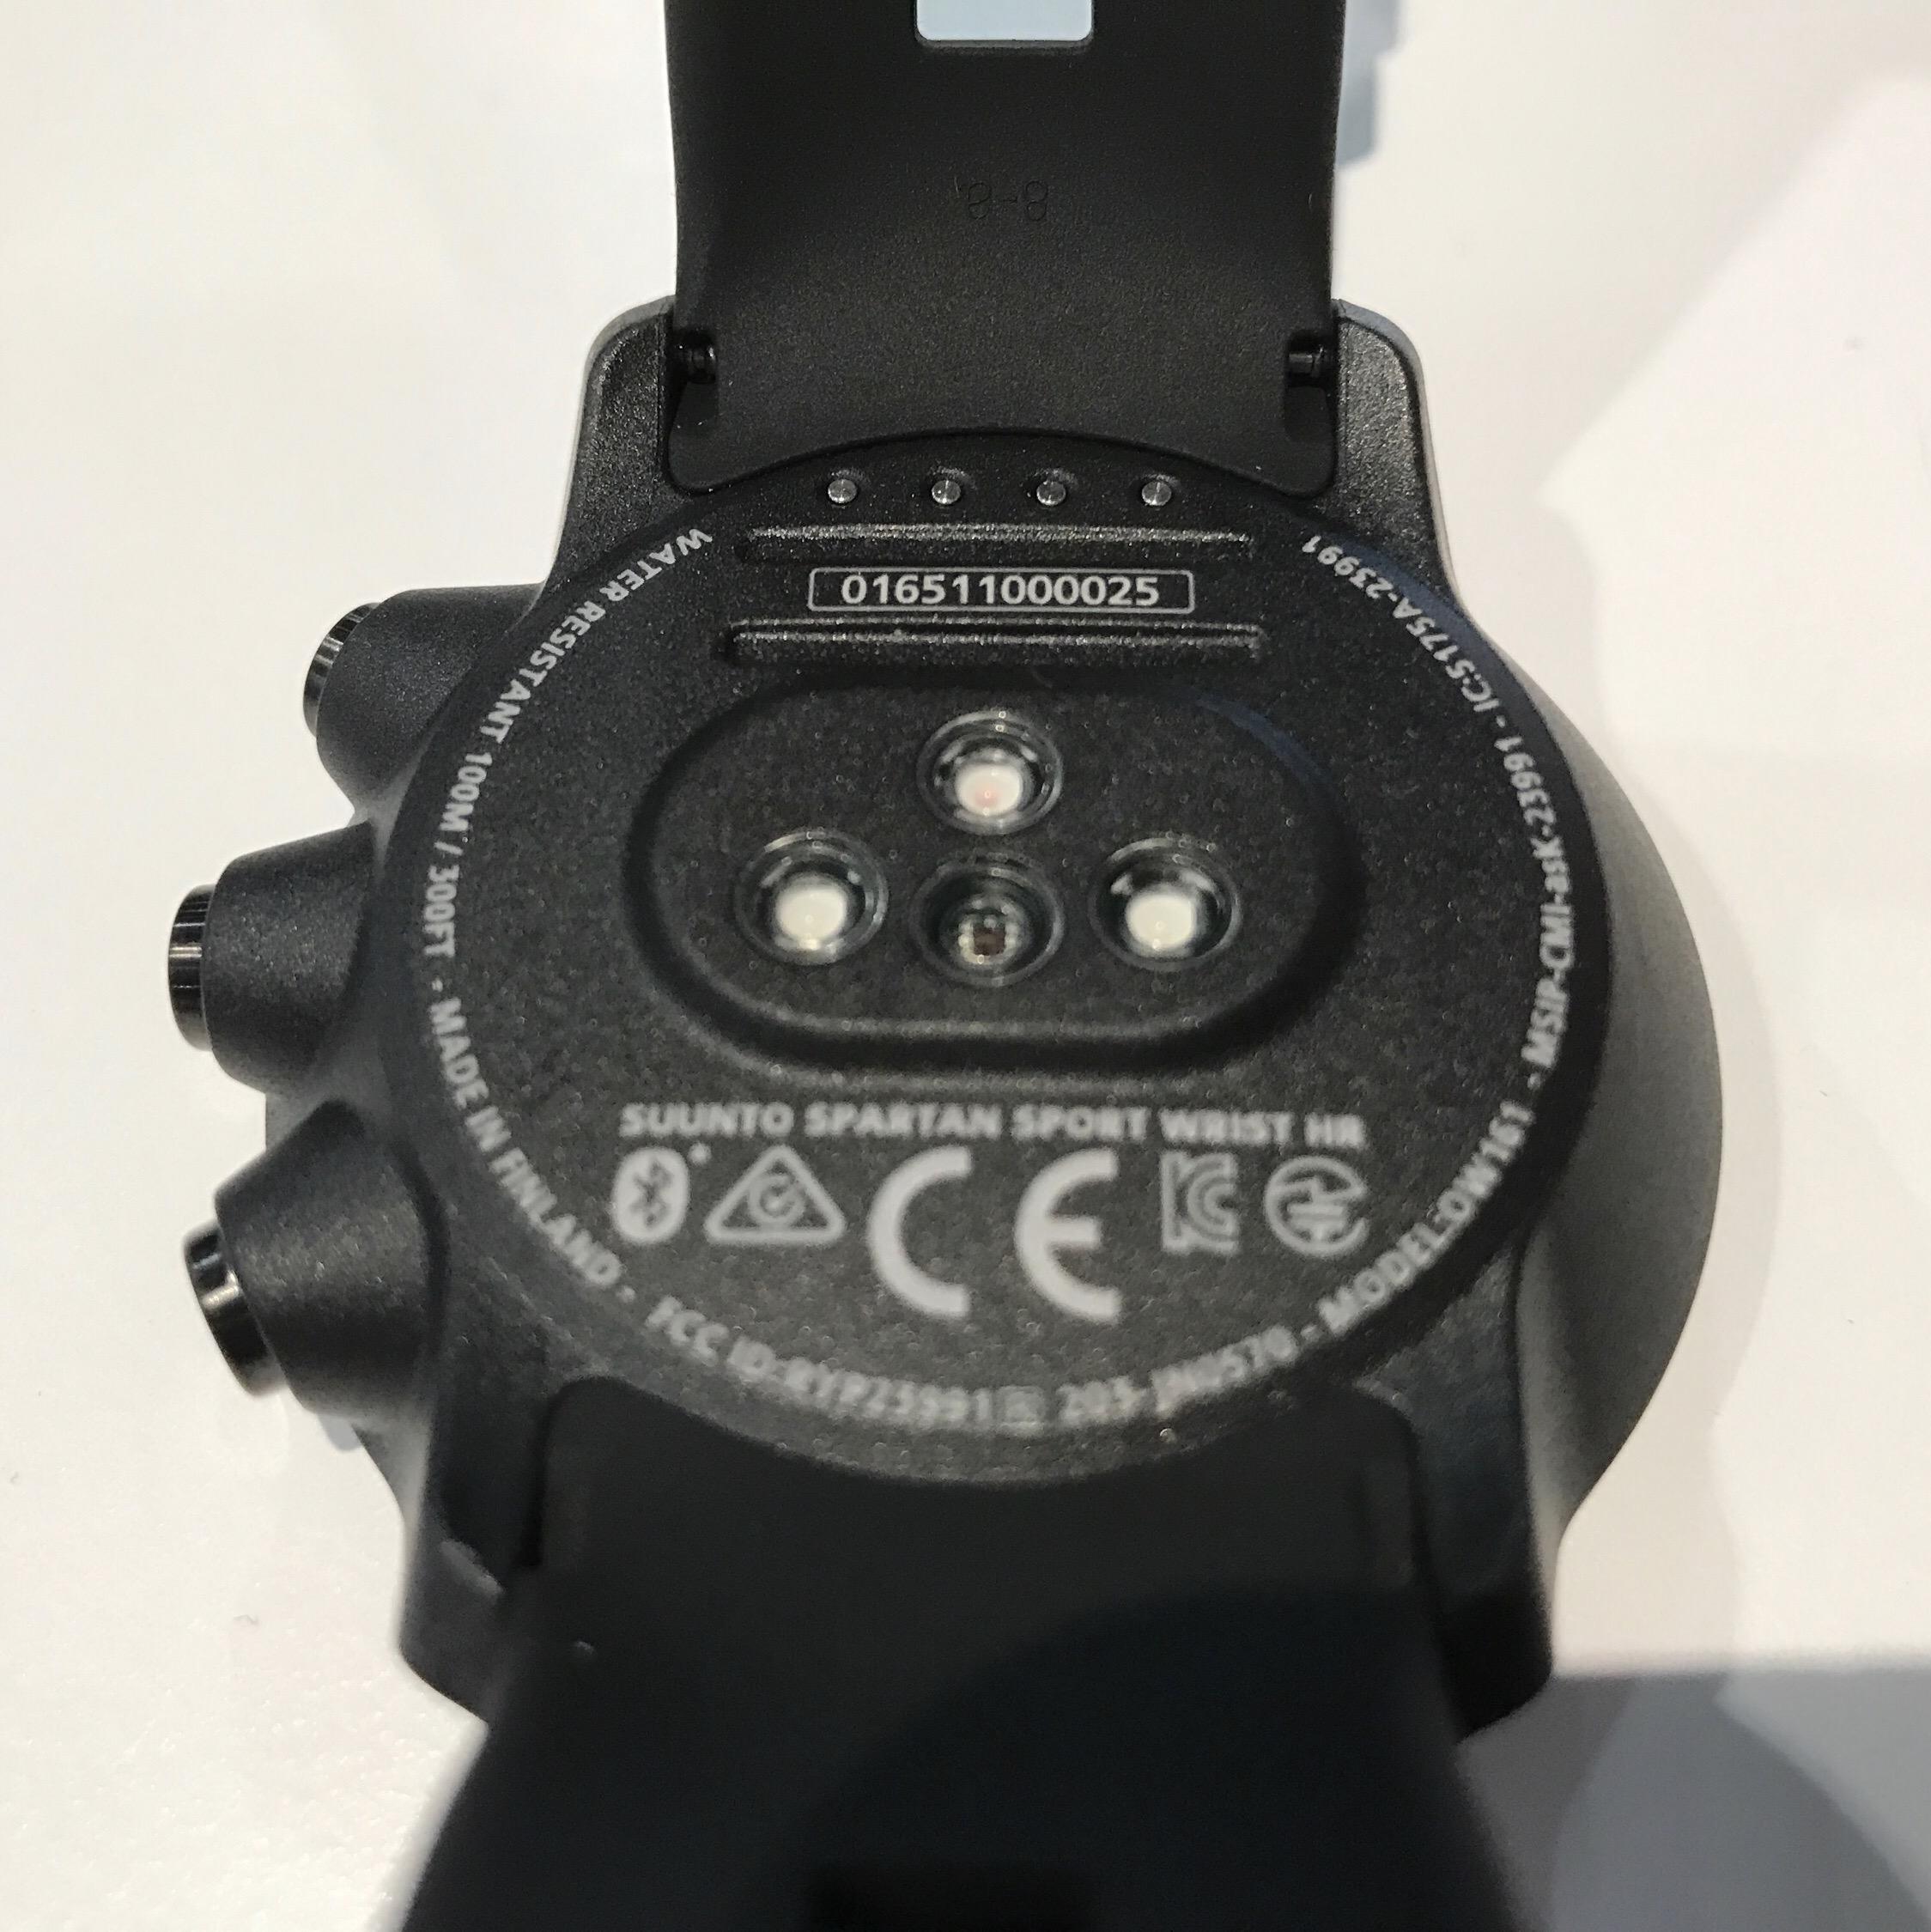 Suunto Spartan Sport Wrist HR - billede fra pulsure.dk